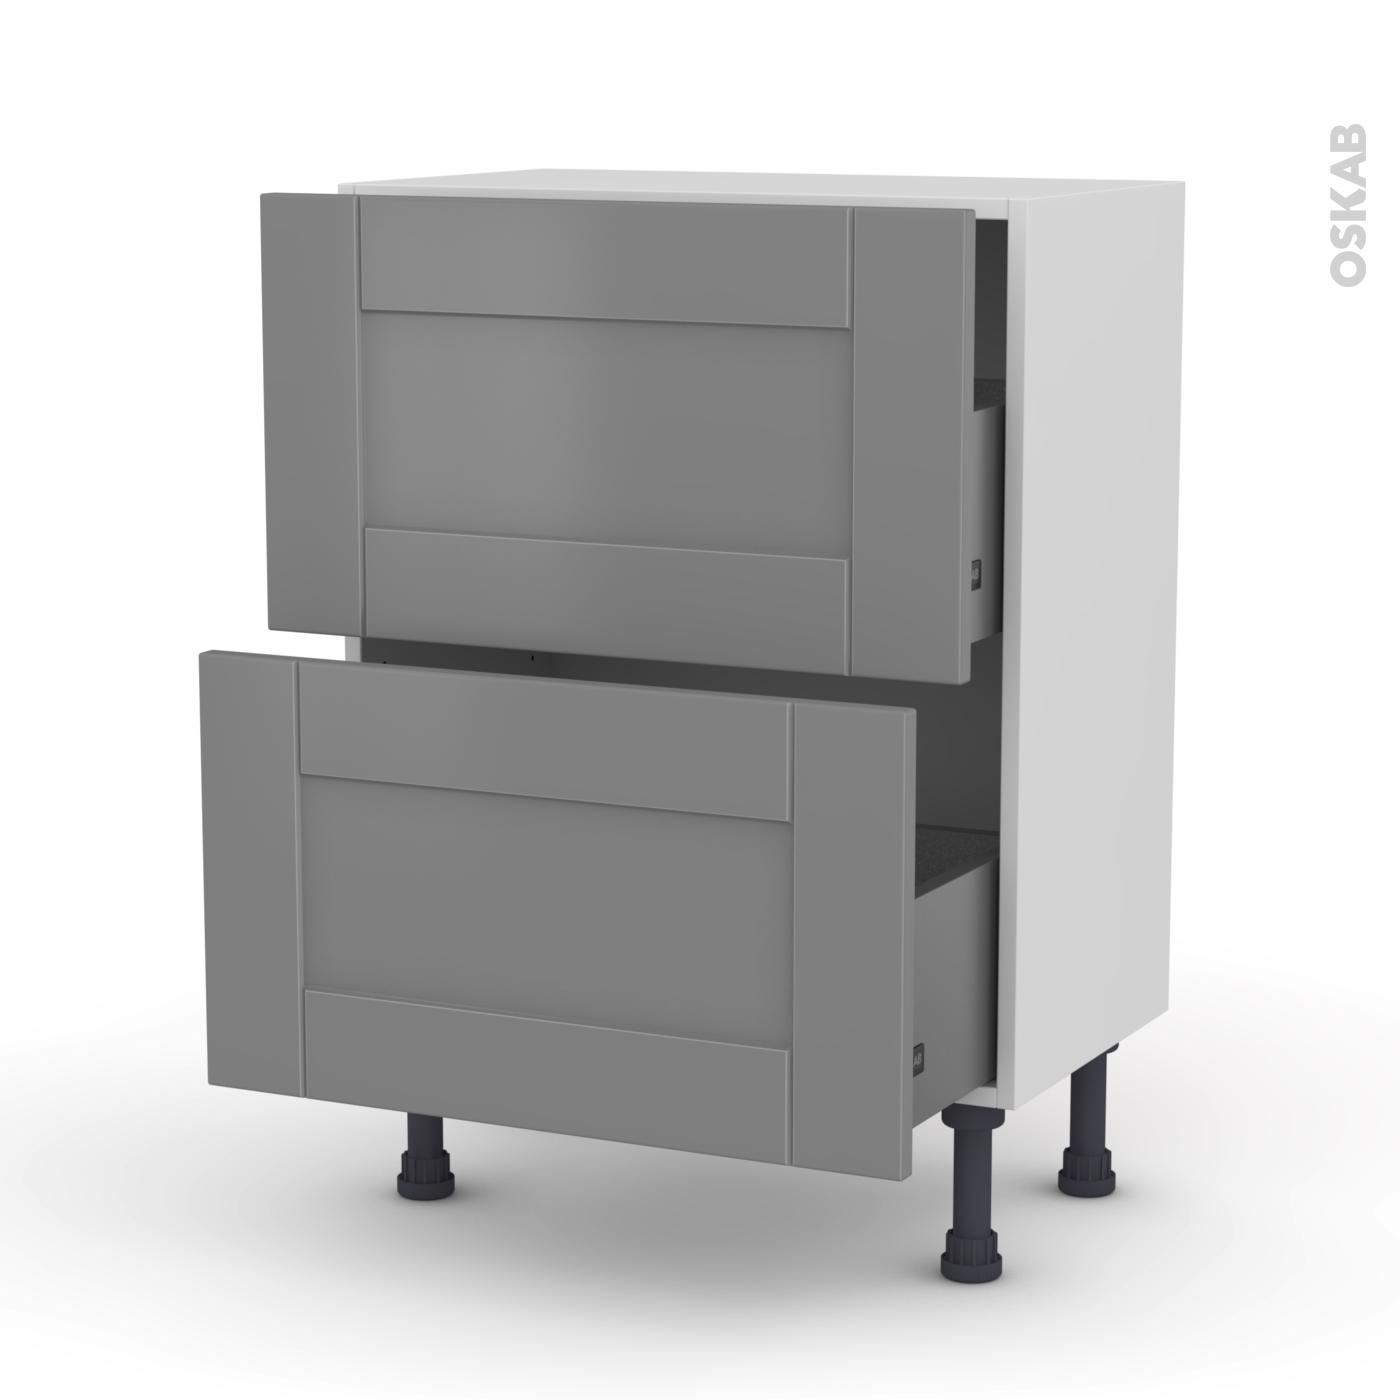 Meuble de cuisine Casserolier FILIPEN Gris, 11 tiroirs, L11 x H11 x P11 cm